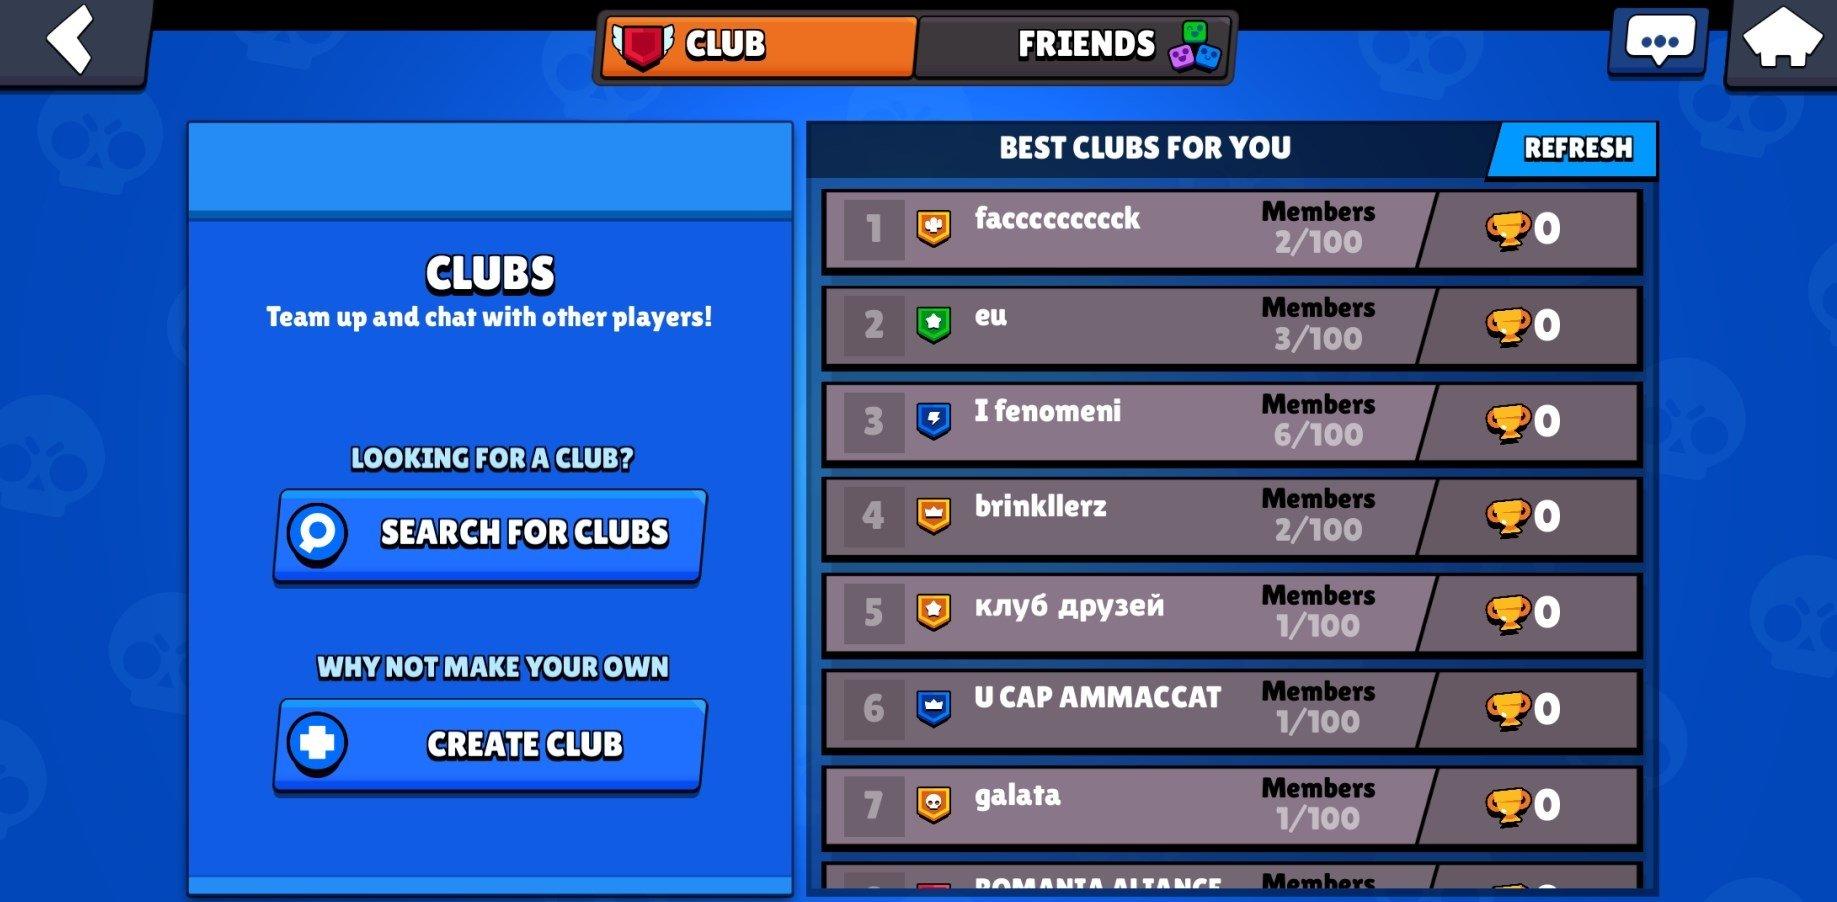 🎉 Cheats for gta 5 apk android oyun club | Cheats for GTA 5 Mod Apk